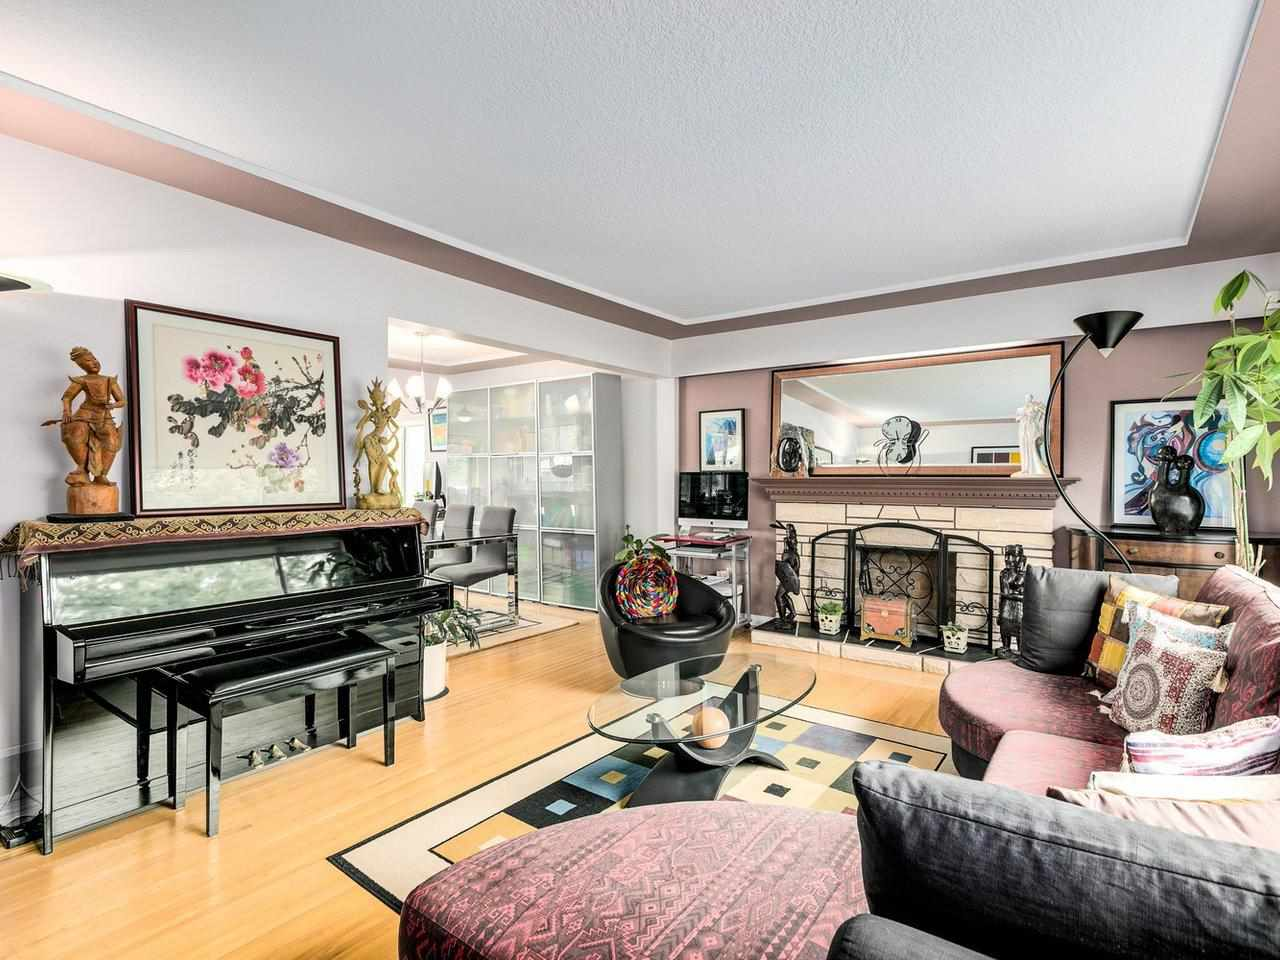 7730 ELLIOTT STREET - Fraserview VE House/Single Family for sale, 4 Bedrooms (R2588731) - #1